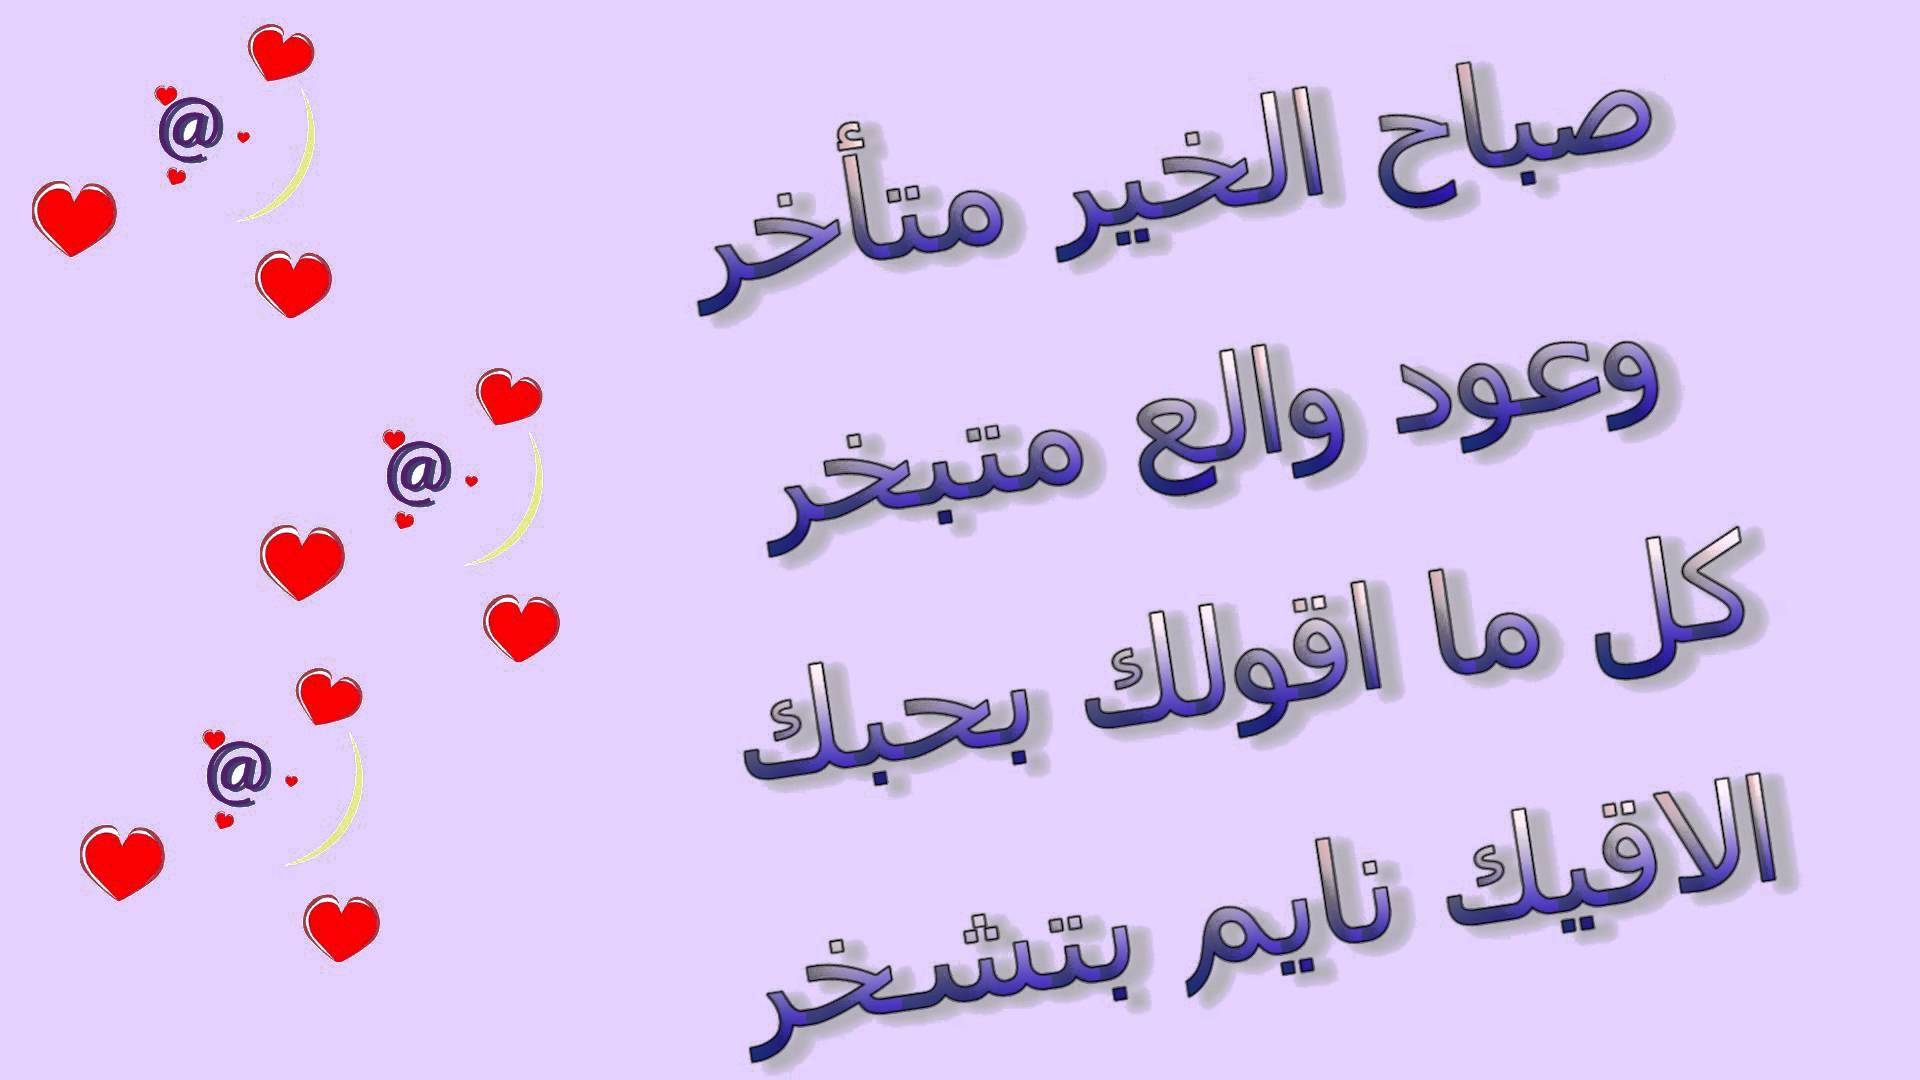 بالصور كلمات صباحية للحبيب , اجمل الكلمات الرومانسيه في الصباح 5973 9